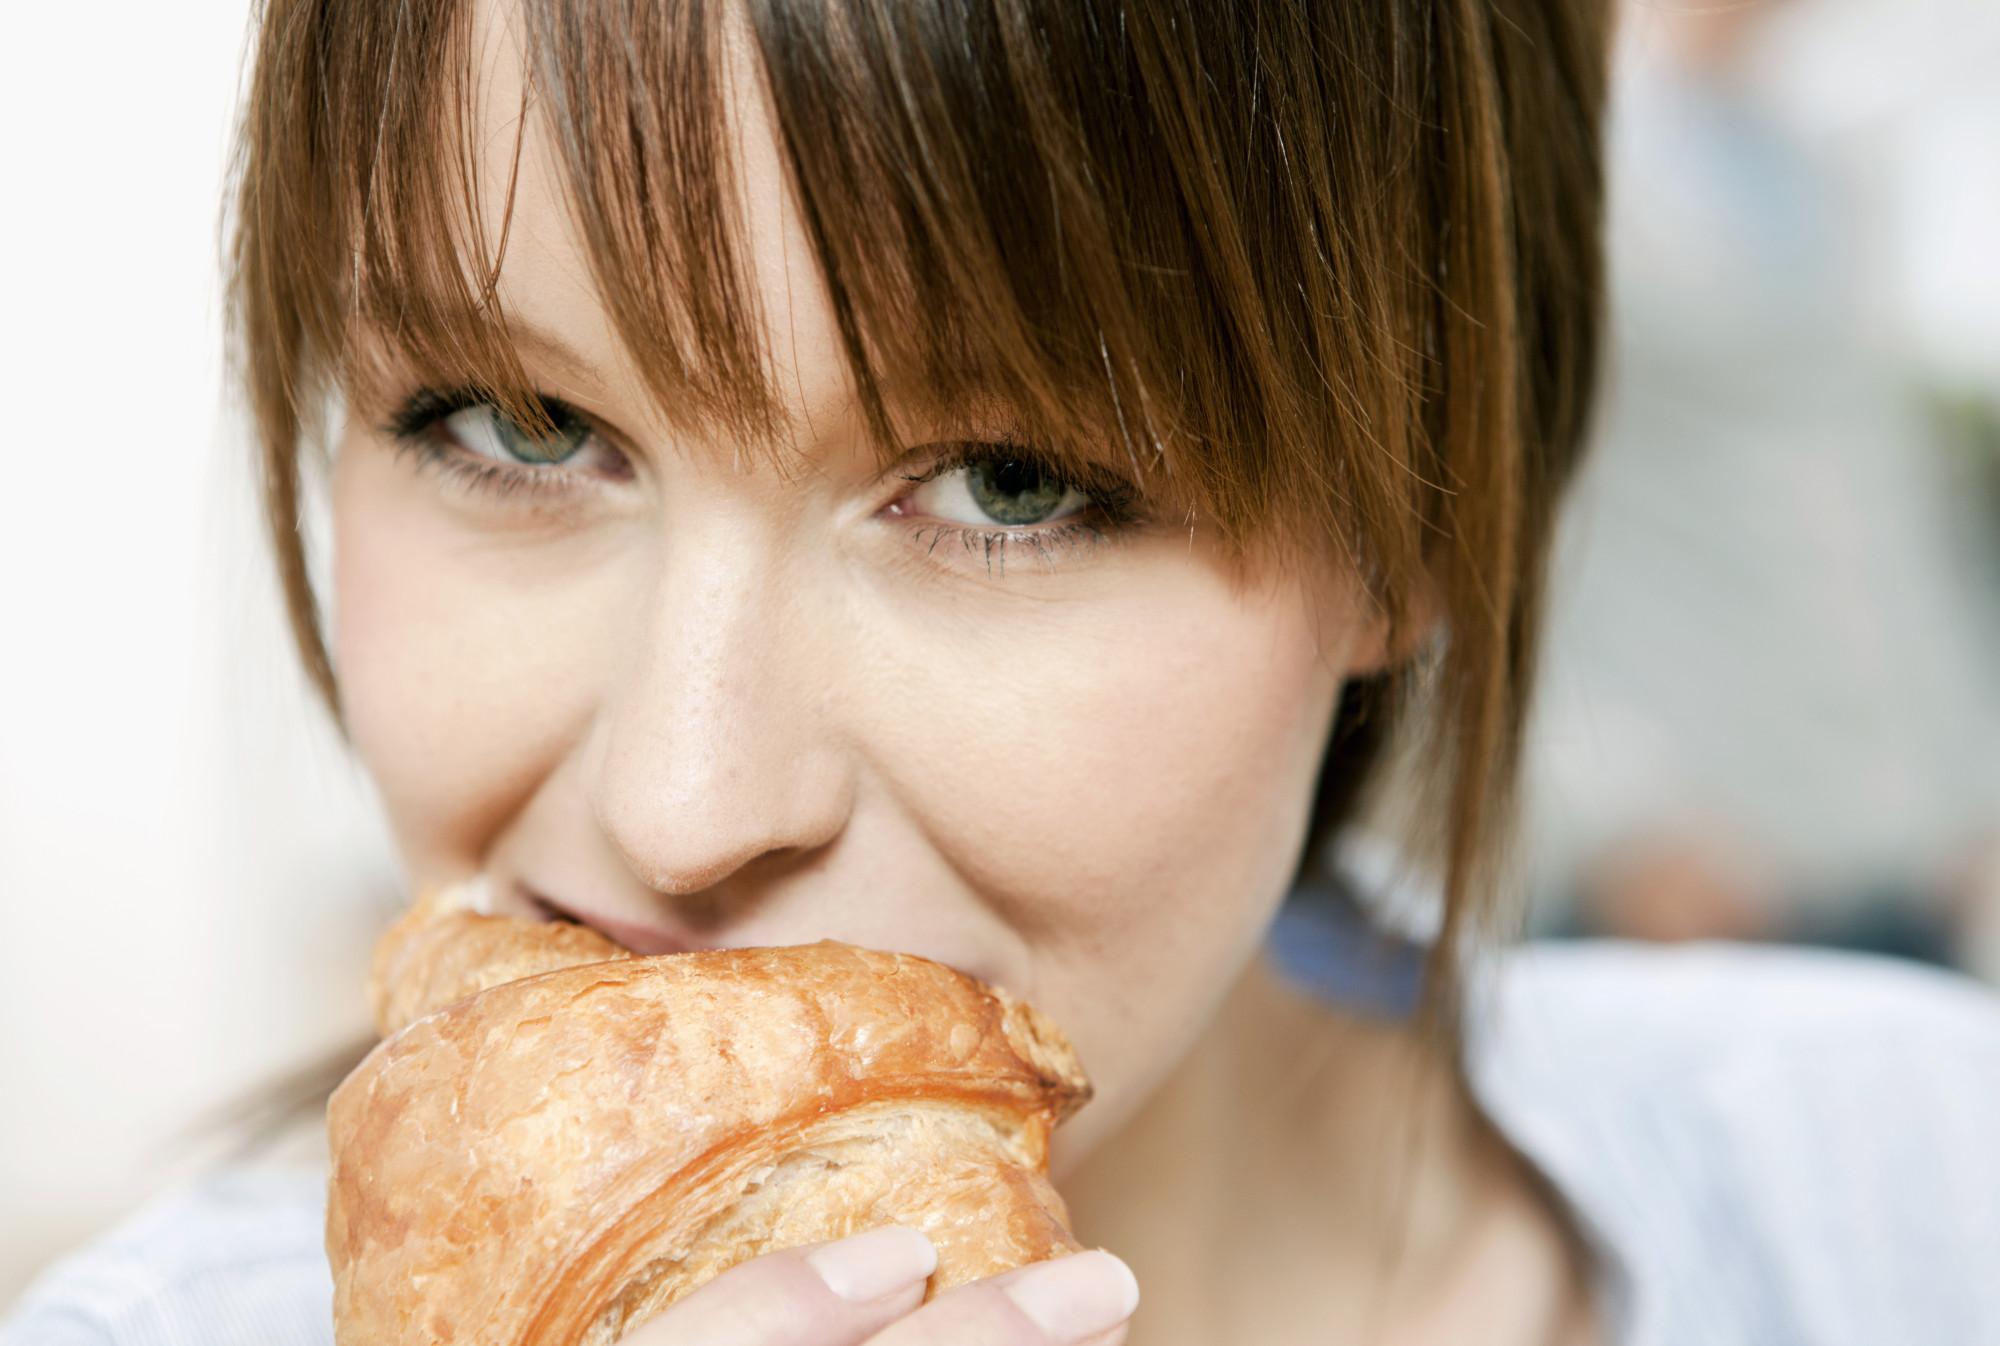 Как похудеть во время критических дней как убрать живот обертыванием отзывы